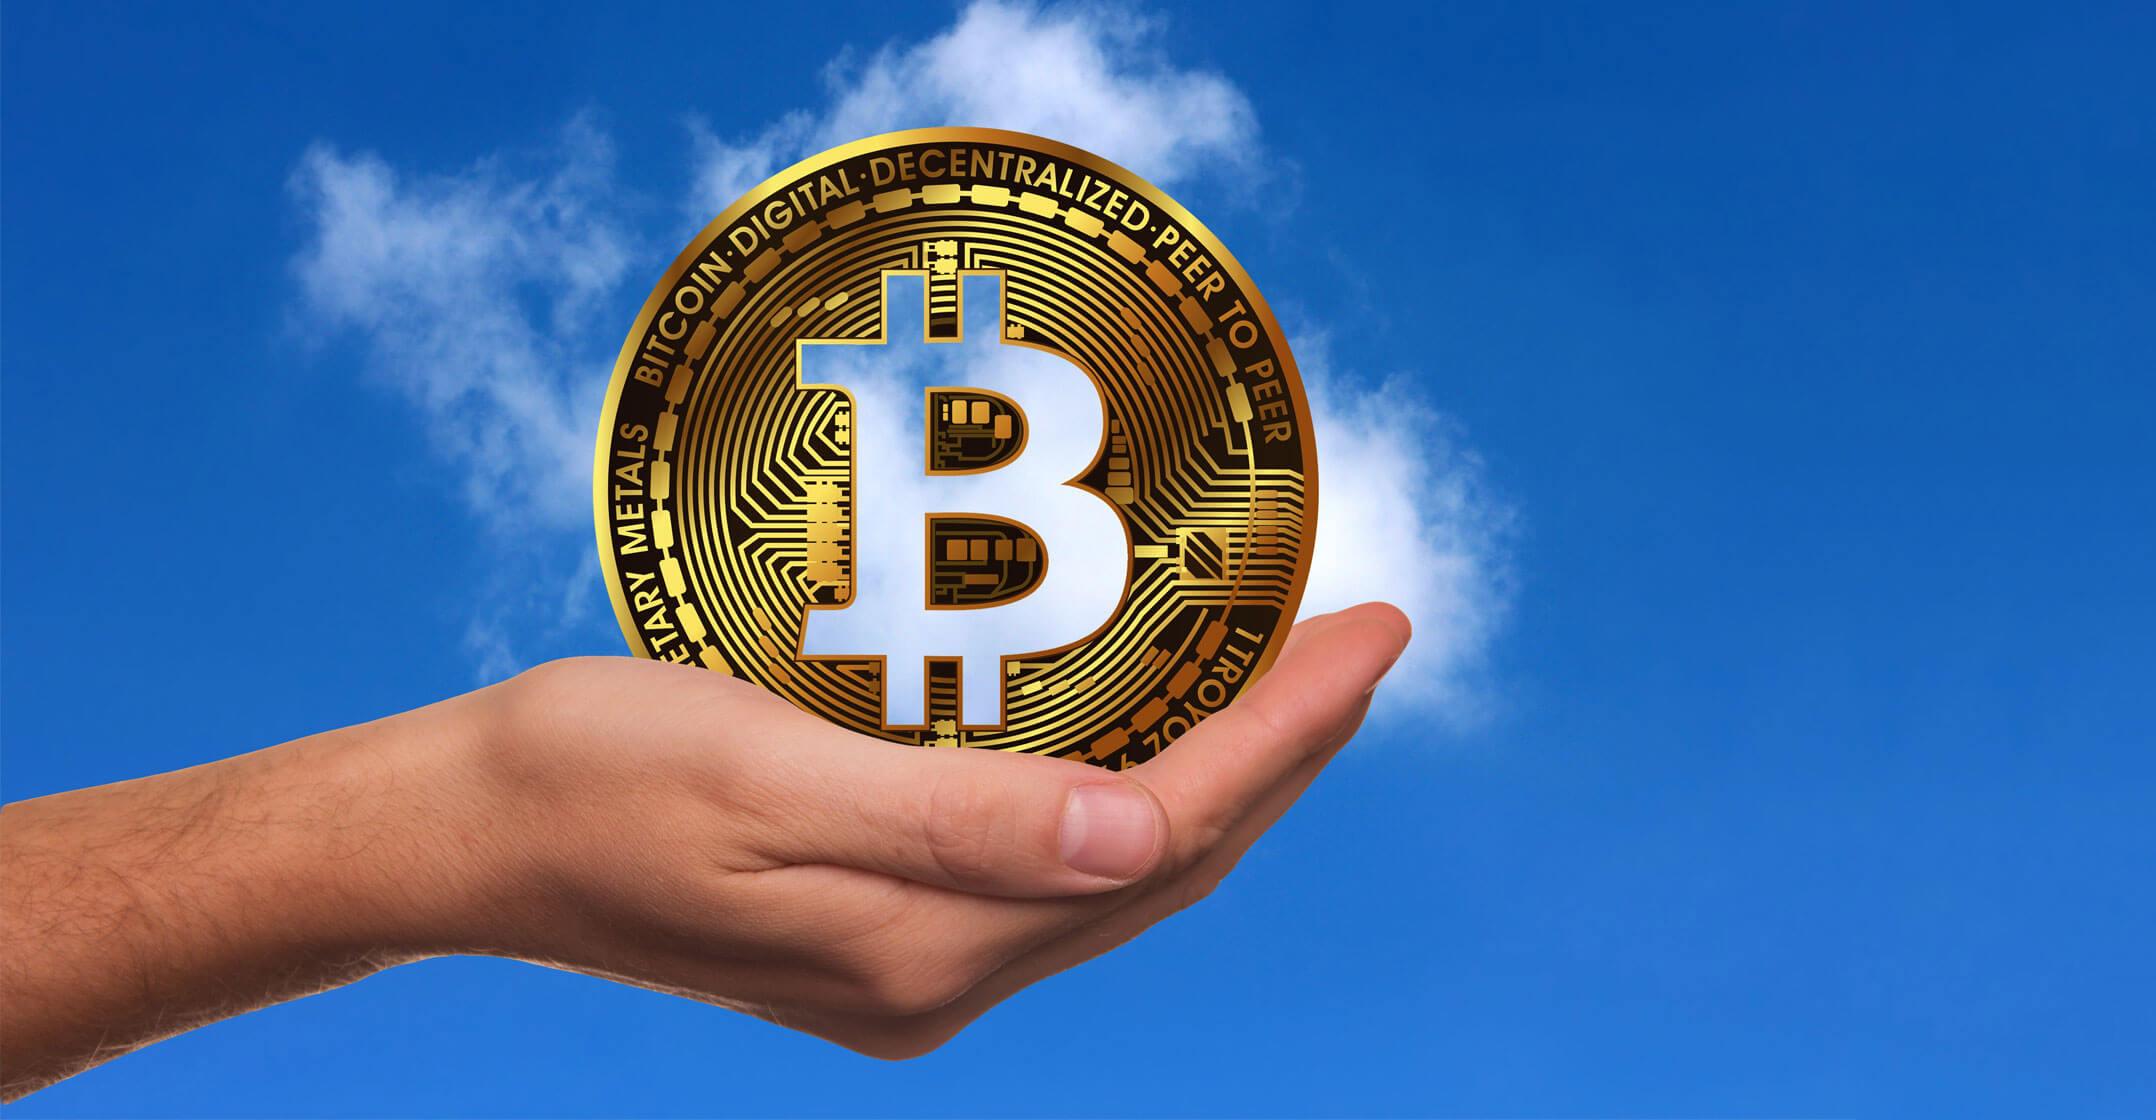 Je Bitcoin skutočne hedžom voči aktuálnemu systému?